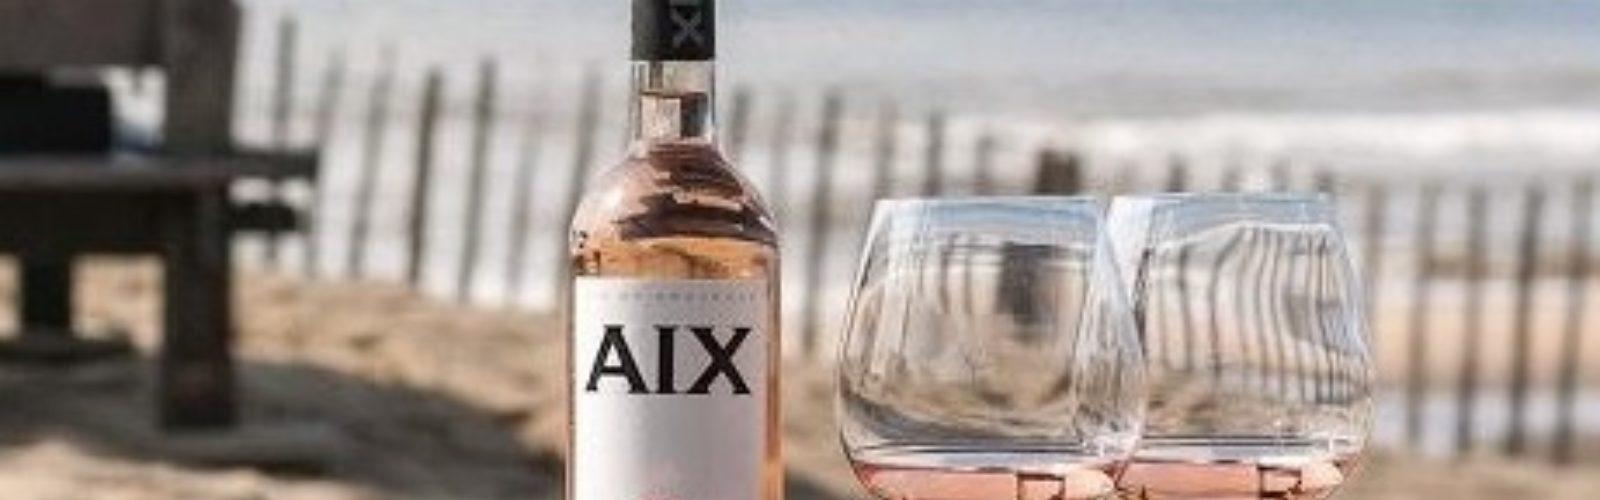 AIX-rose-1